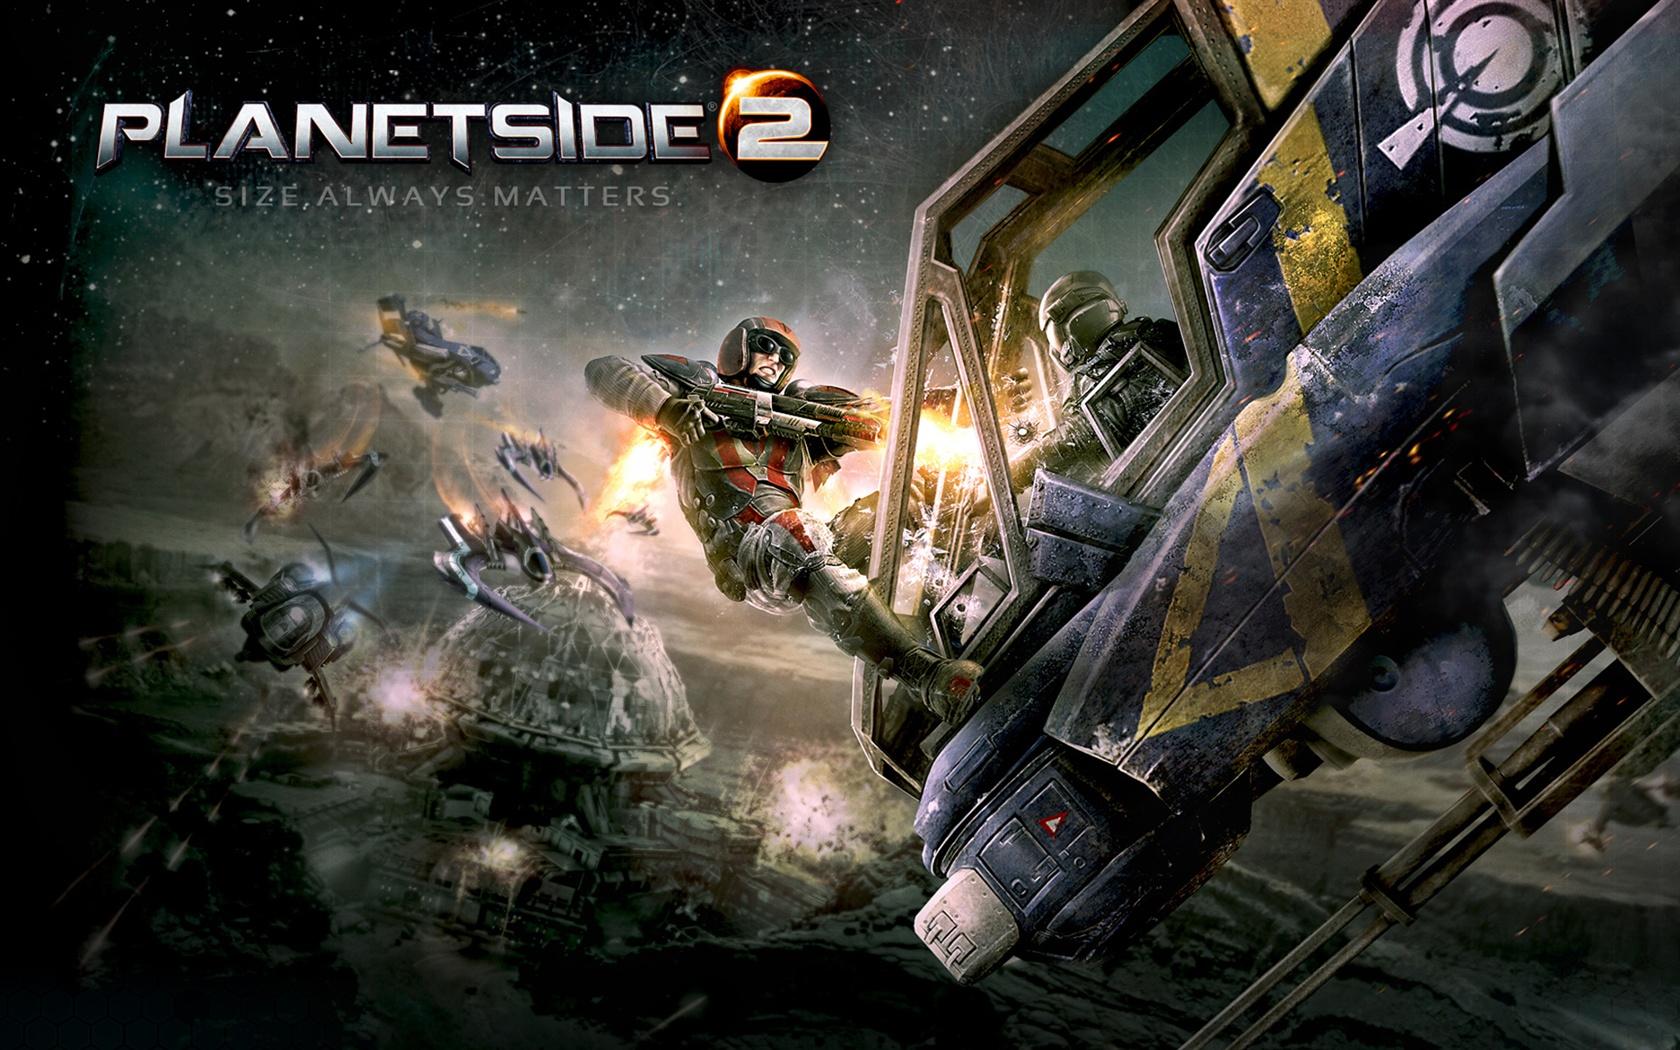 Planetside 2, un juego futurista. Planetside-2_1680x1050